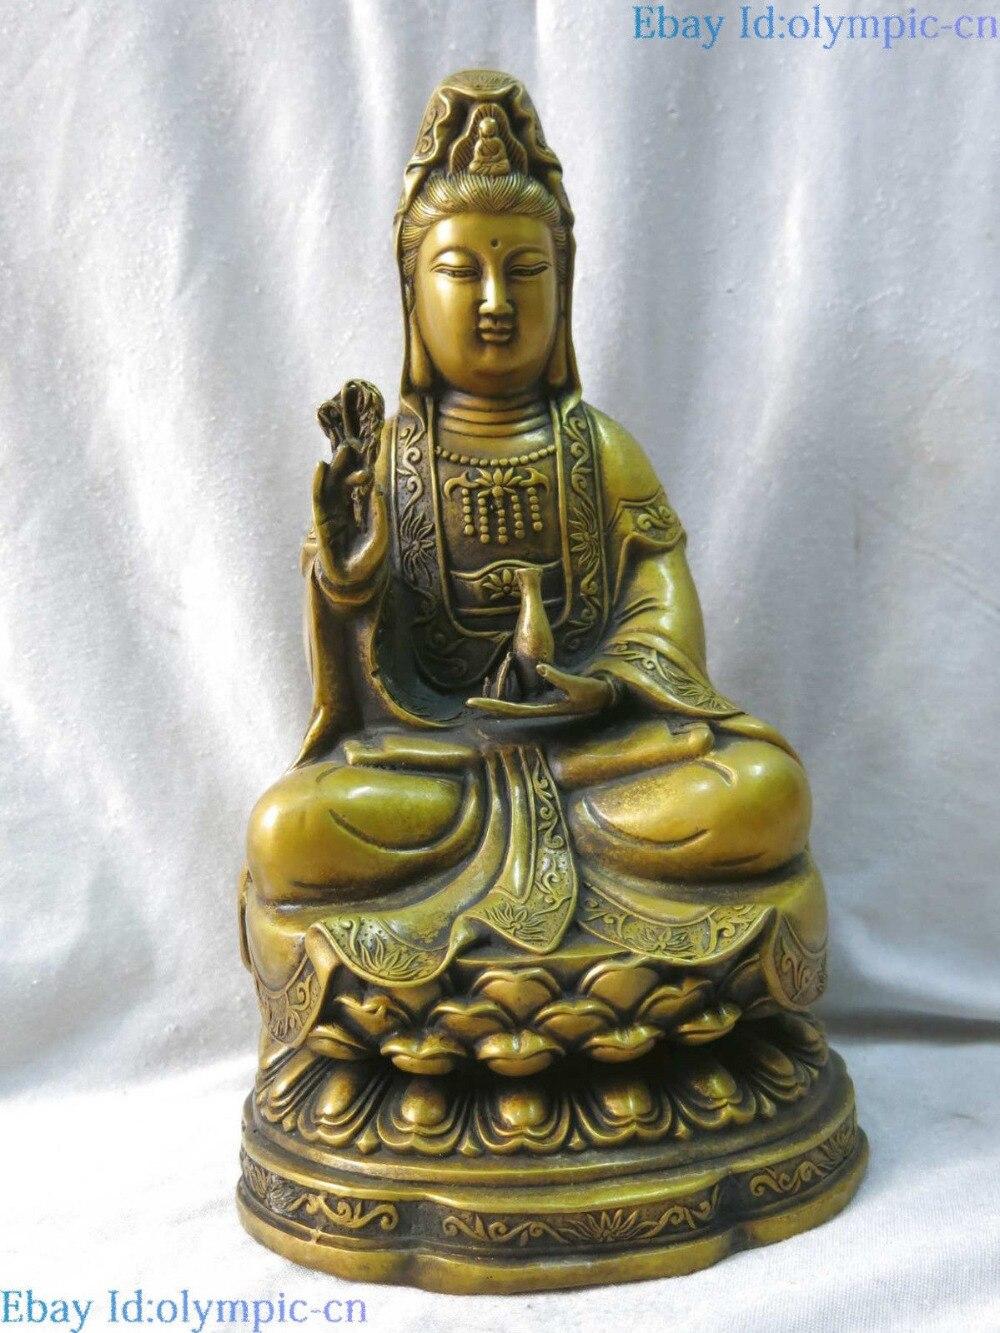 11 chine fine laiton cuivre Avalokitesvara sculpture kwan-yin bouddha Statue11 chine fine laiton cuivre Avalokitesvara sculpture kwan-yin bouddha Statue